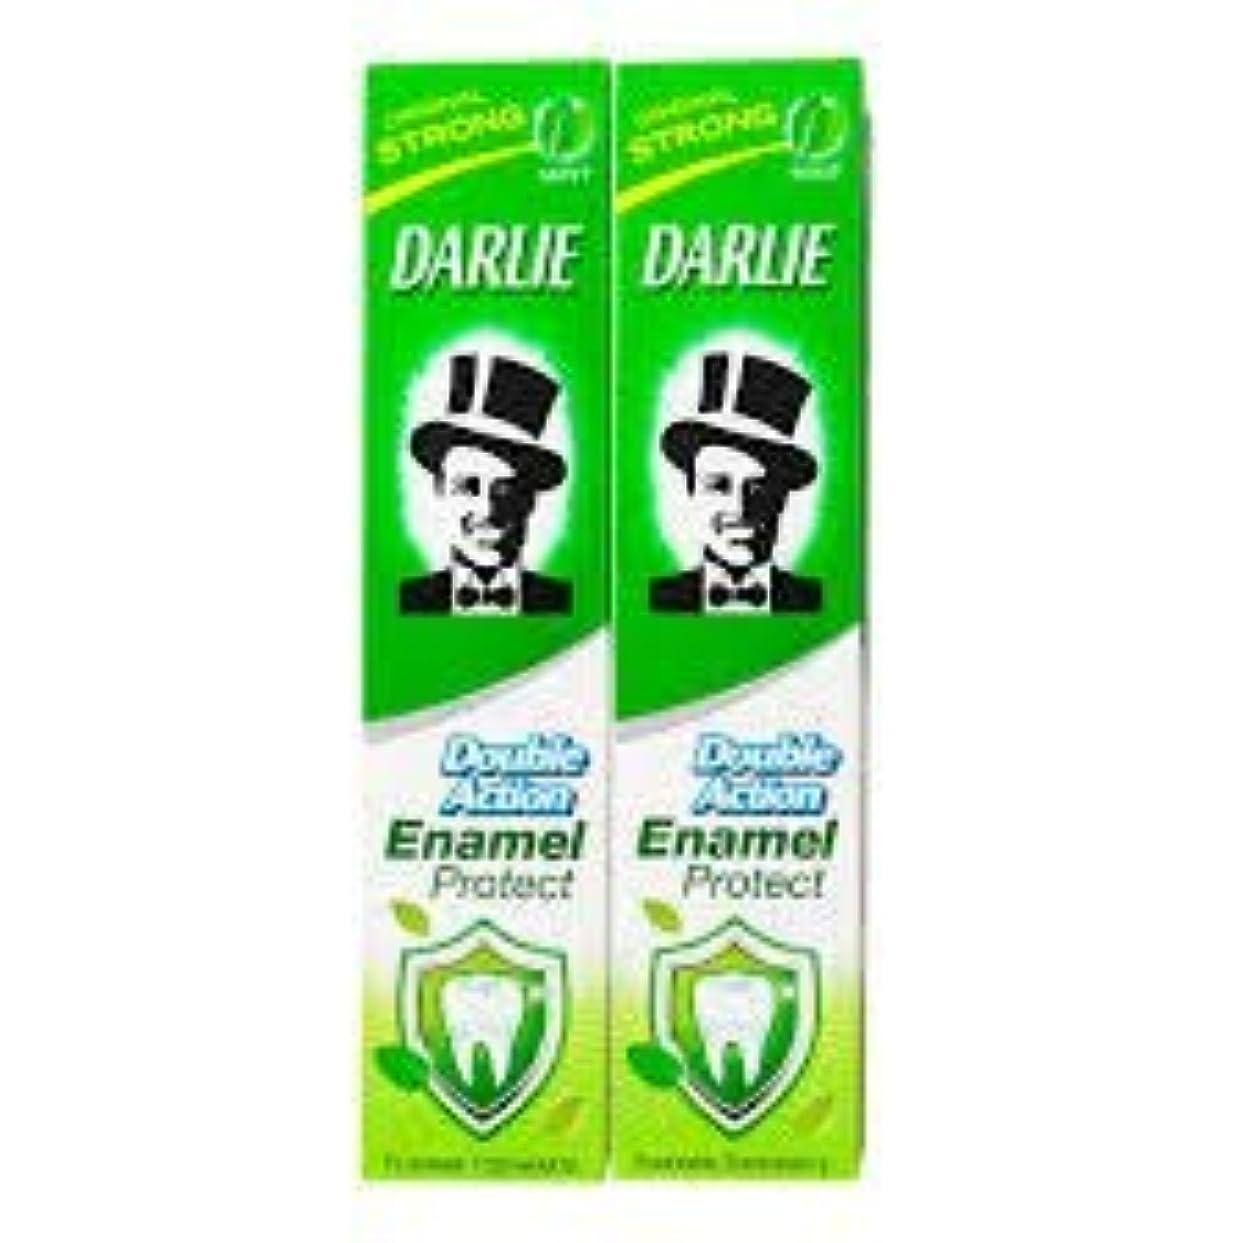 困った踏みつけ販売員DARLIE 歯磨き粉歯磨き粉二重の役割、保護エナメル強いミント2×220ケ - あなたの歯を強化し、防御の最前線